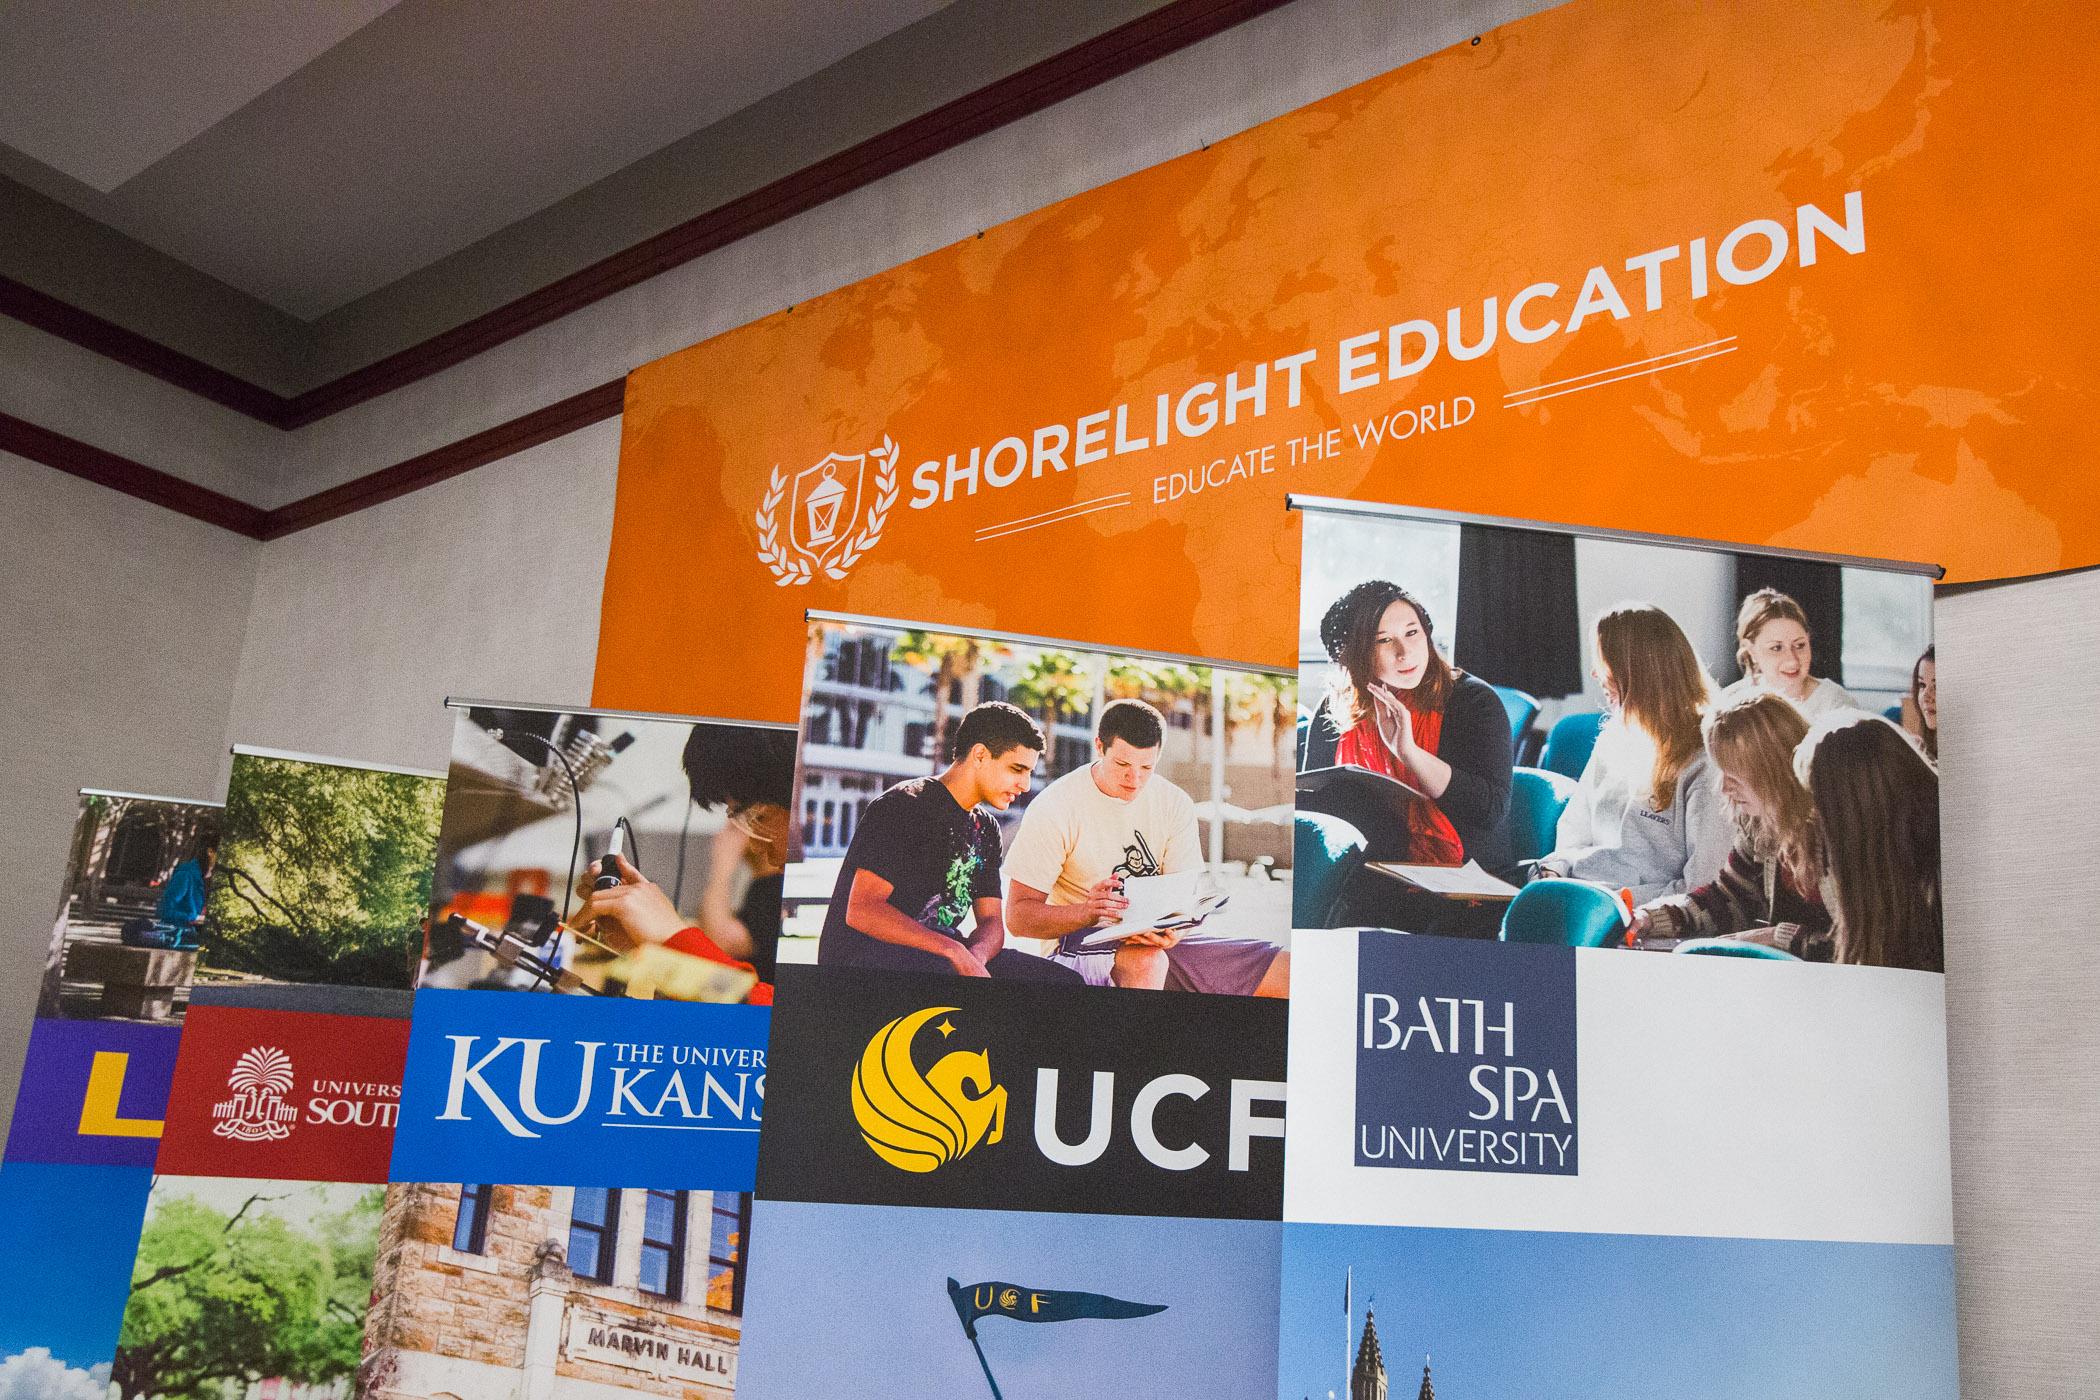 Tập đoàn giáo dục Shorelight